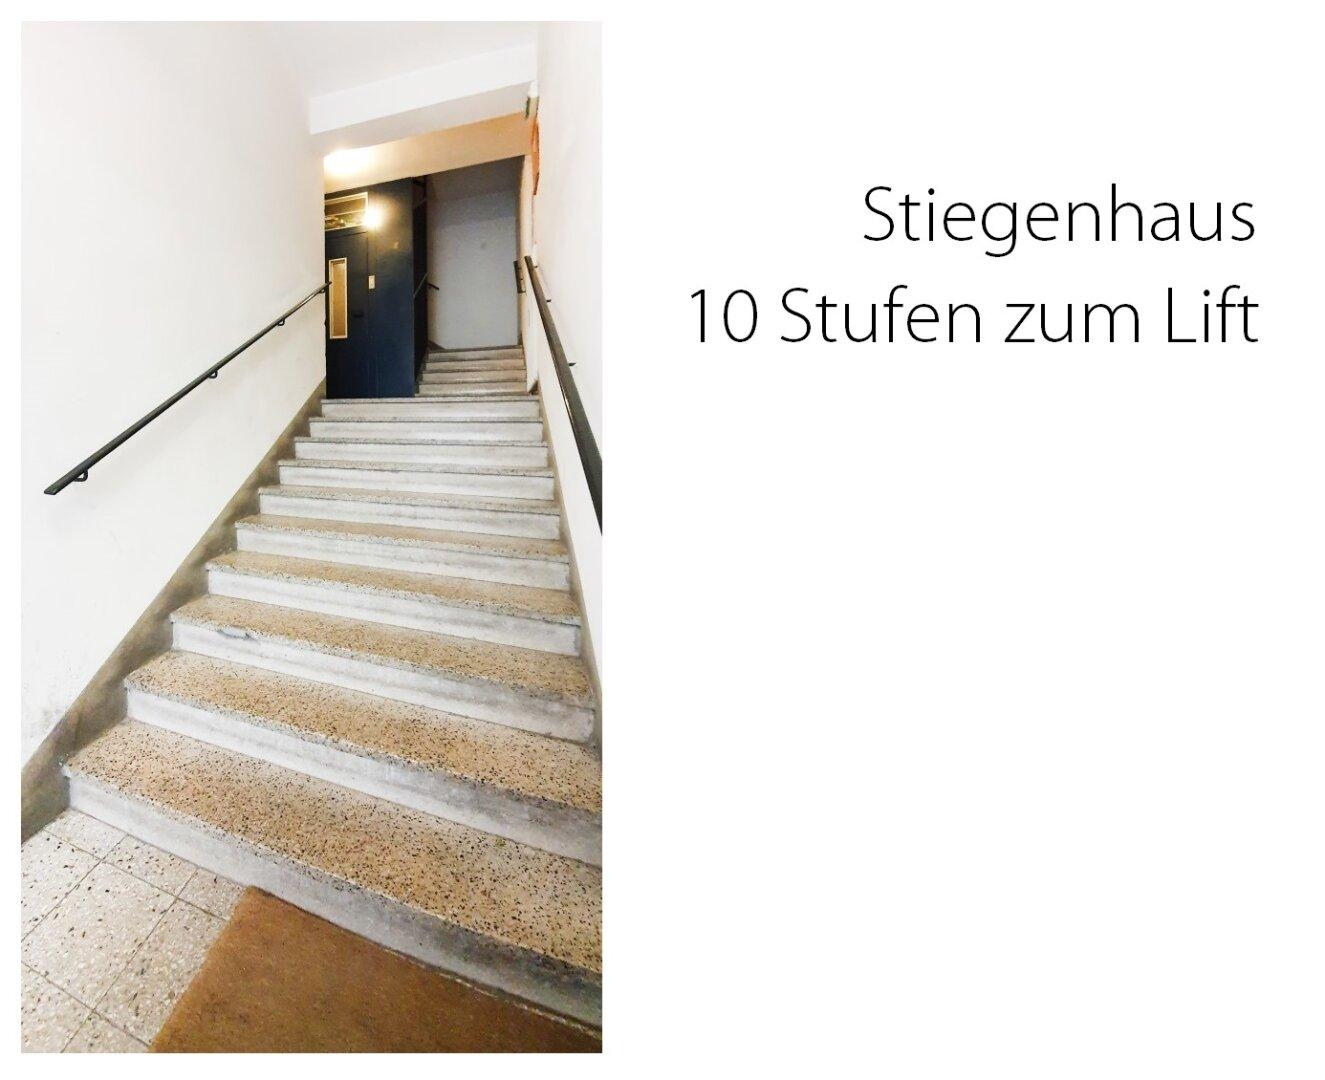 Stufen zum Lift